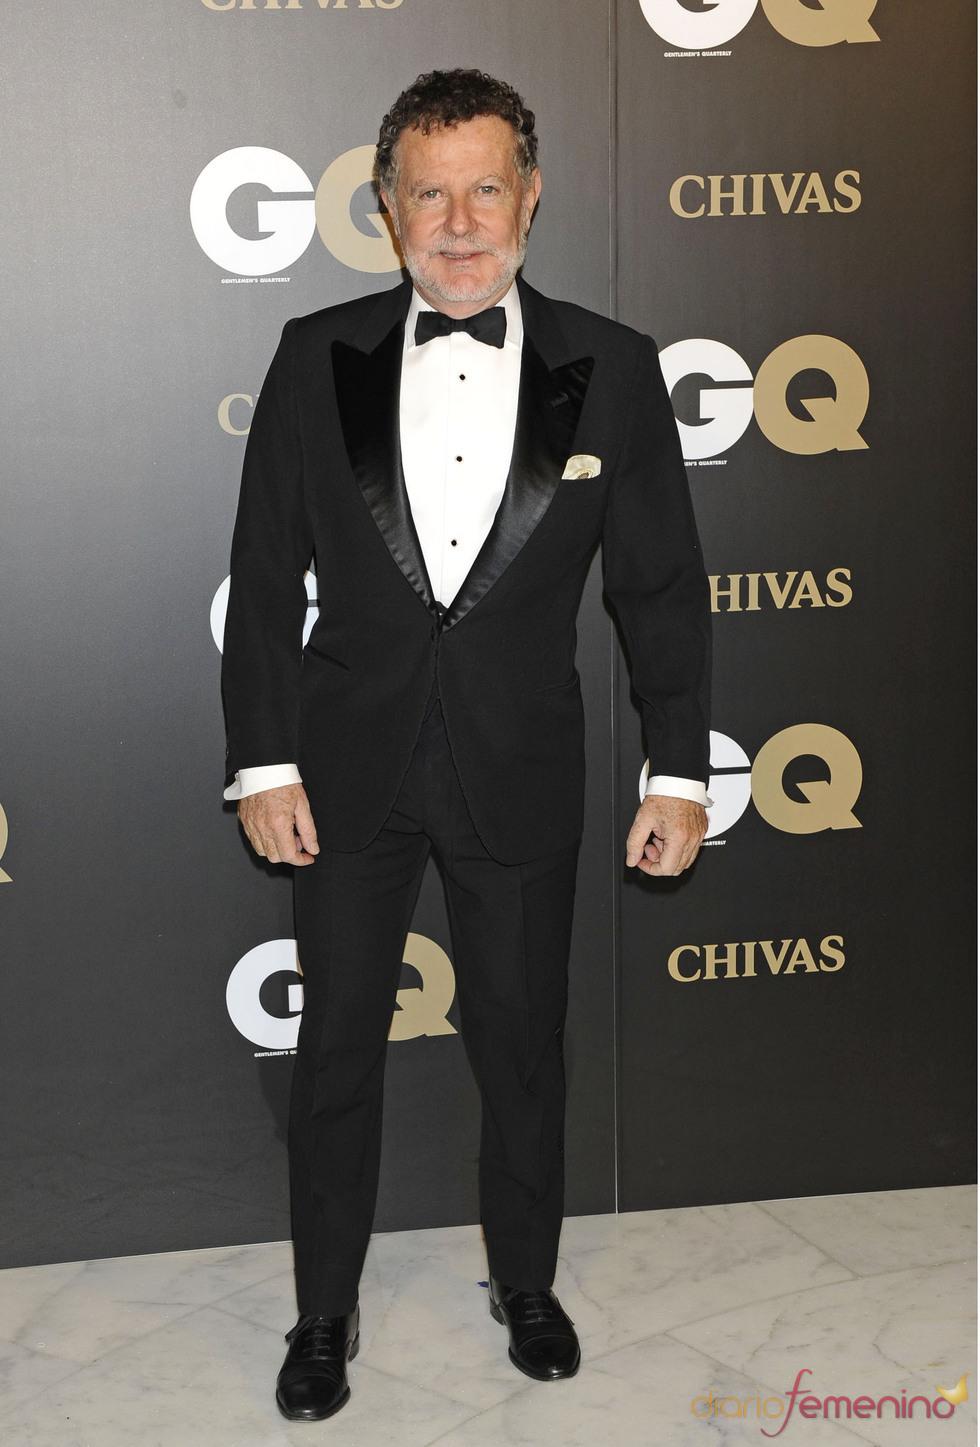 Pascua Ortega en los premios españoles GQ 2010